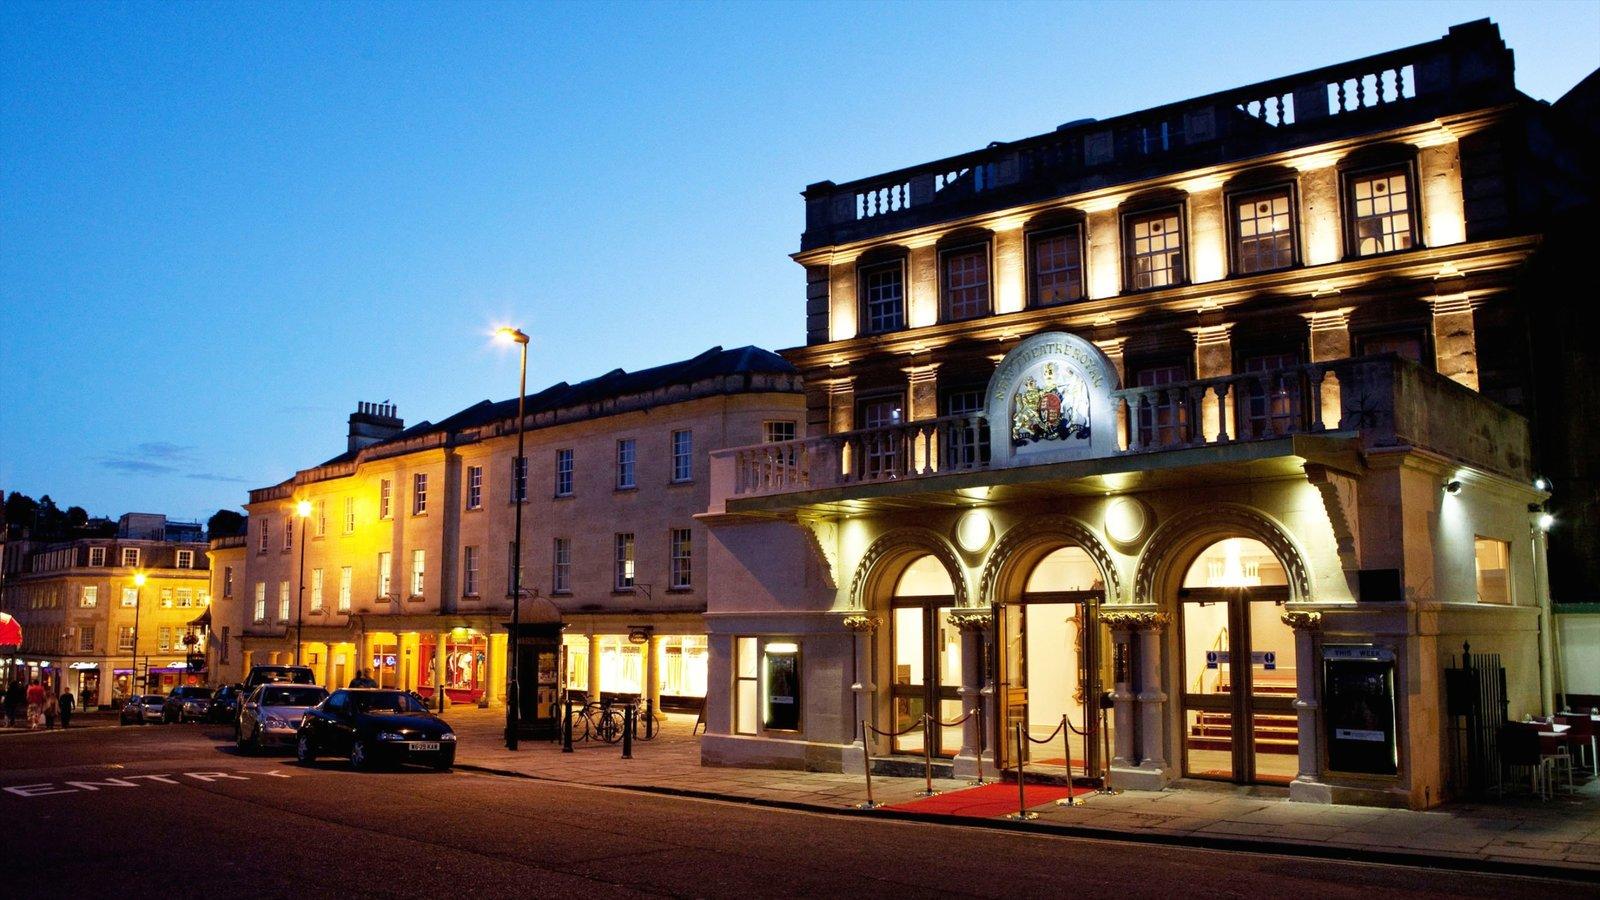 Bath que inclui arquitetura de patrimônio, cenas noturnas e cenas de rua